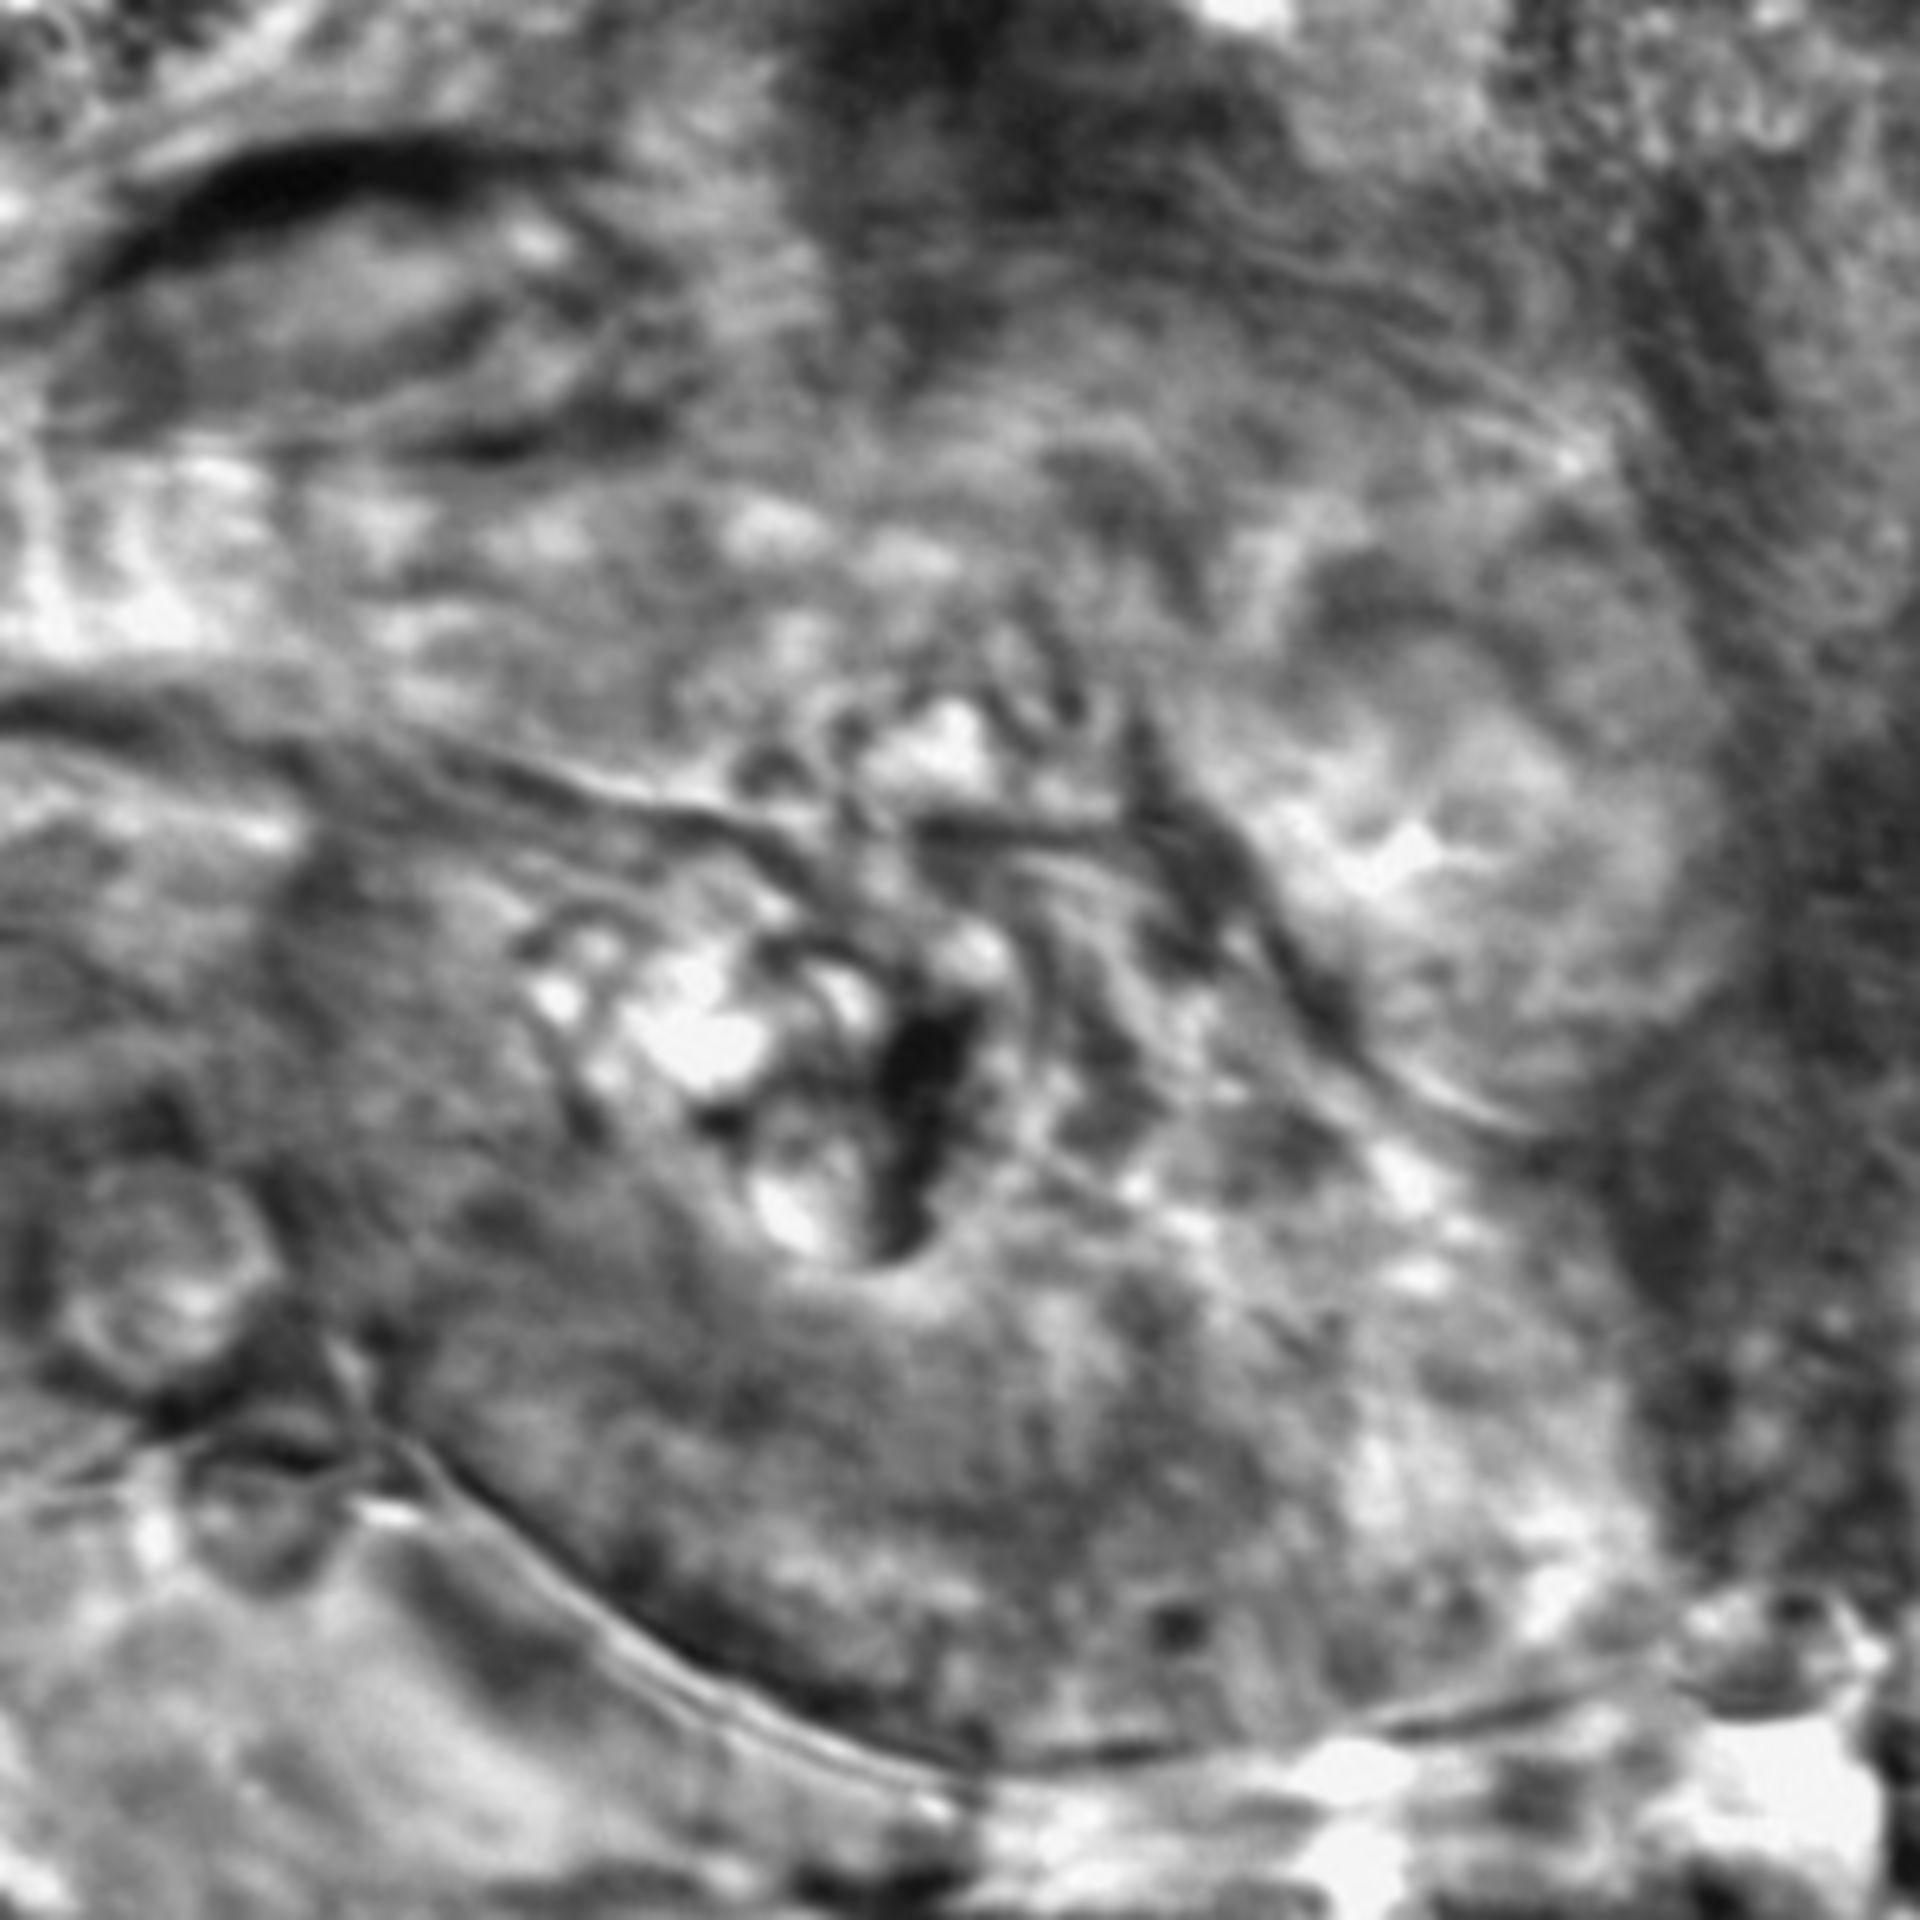 Caenorhabditis elegans - CIL:2699